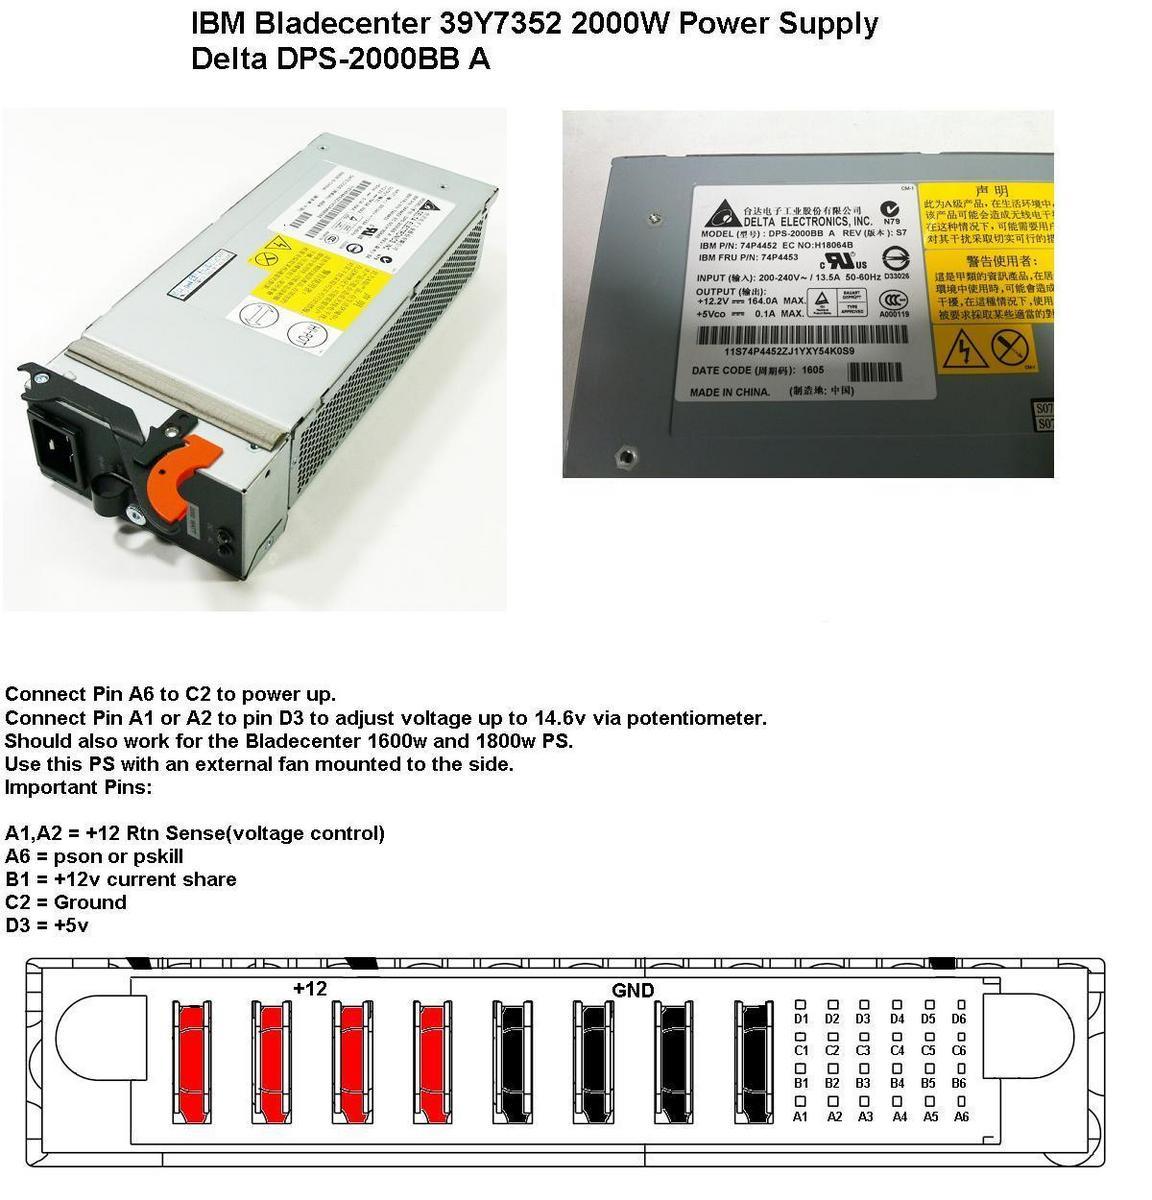 a3982688-159-Bladecenter%202000w%20PS.jp